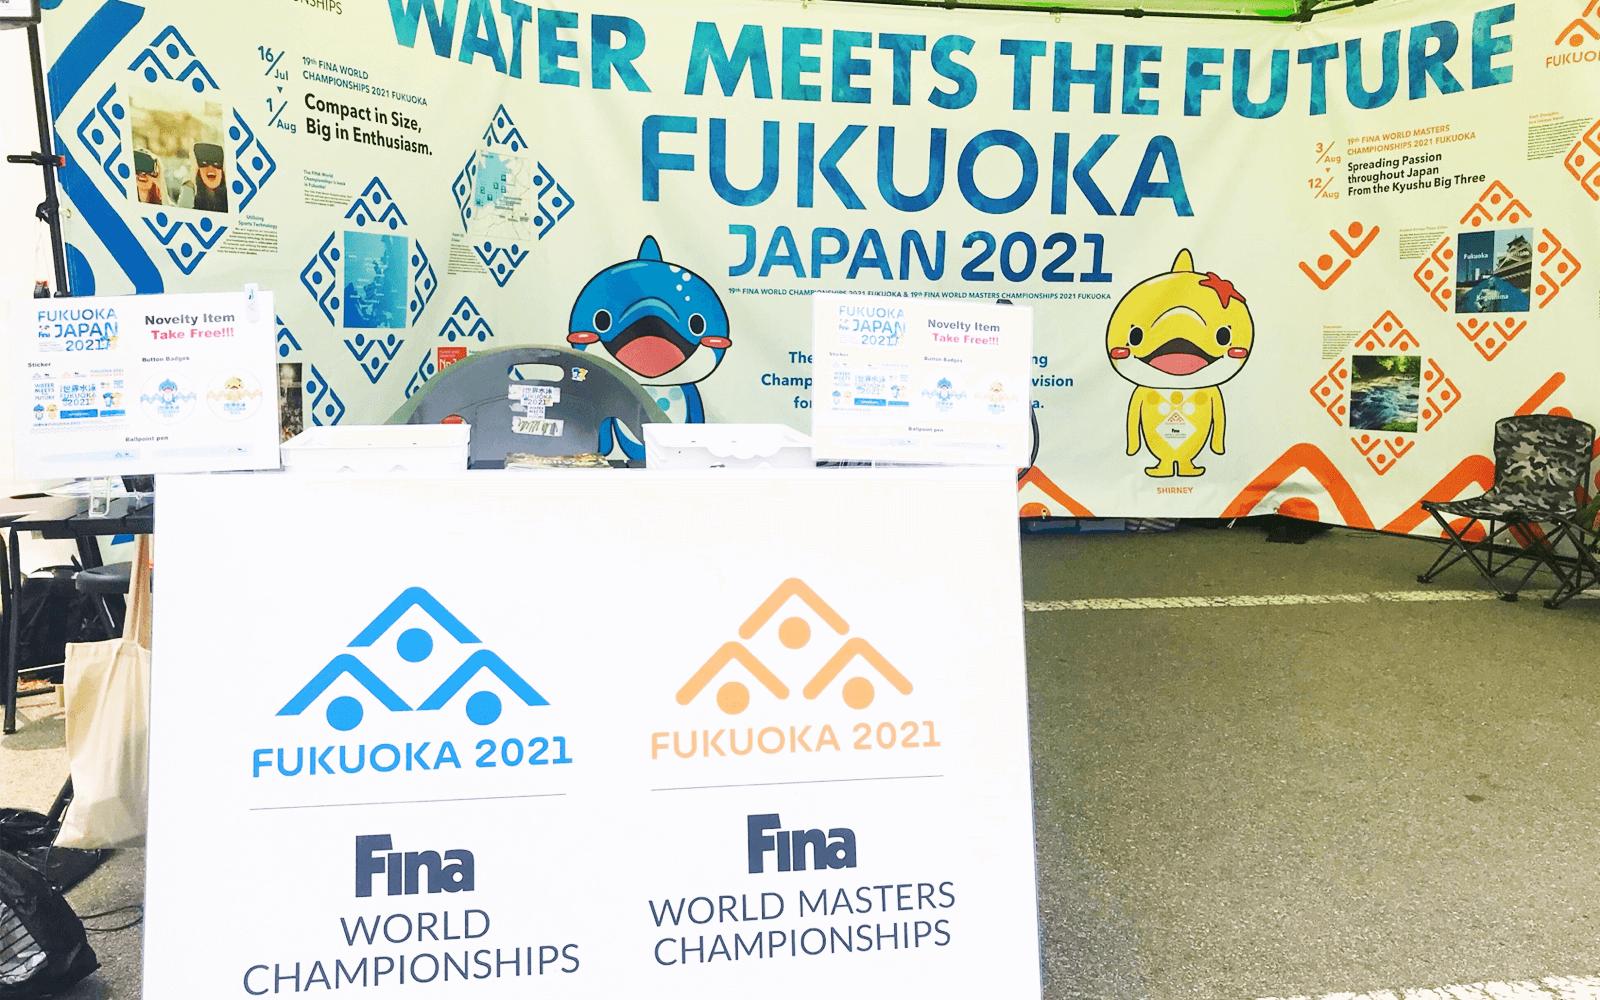 光州 選手権 水泳 年 世界 2019 FINA史上、最も成功した大会に選ばれた「2019光州世界水泳選手権大会」